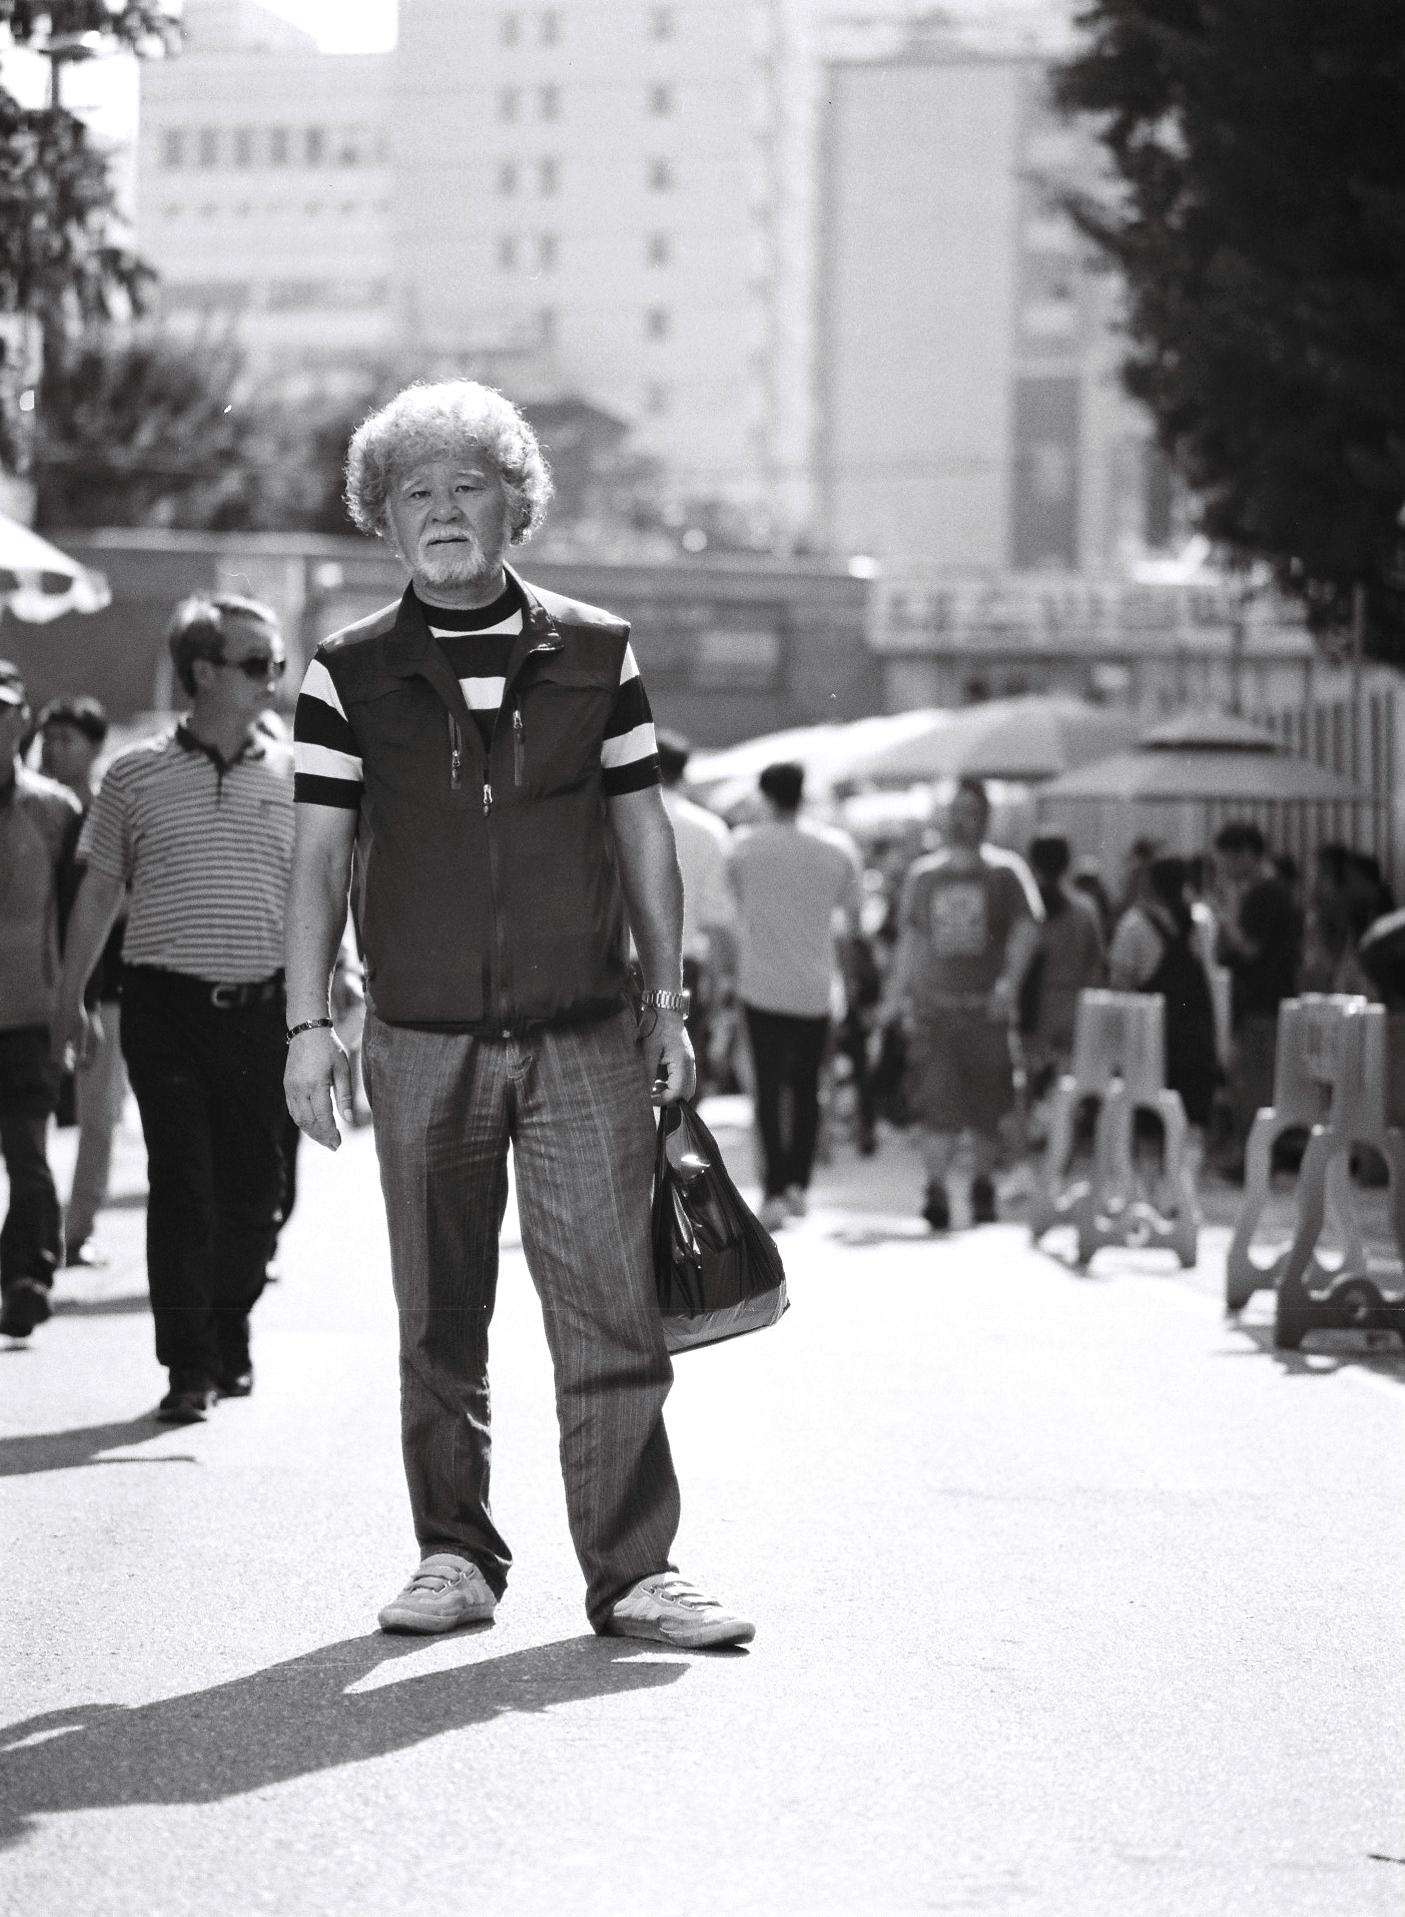 """""""같이 더불어 사는거밖에 더 있나요, 뭐. 서로가 공유하면서, 서로가 웃으면서 사는 거지 뭐. 도우면서.""""  -60세 김의언  """"Life isn't that complicated, living amongst each other, sharing, laughing, and helping each other.""""  -Ui-un Kim, 59"""